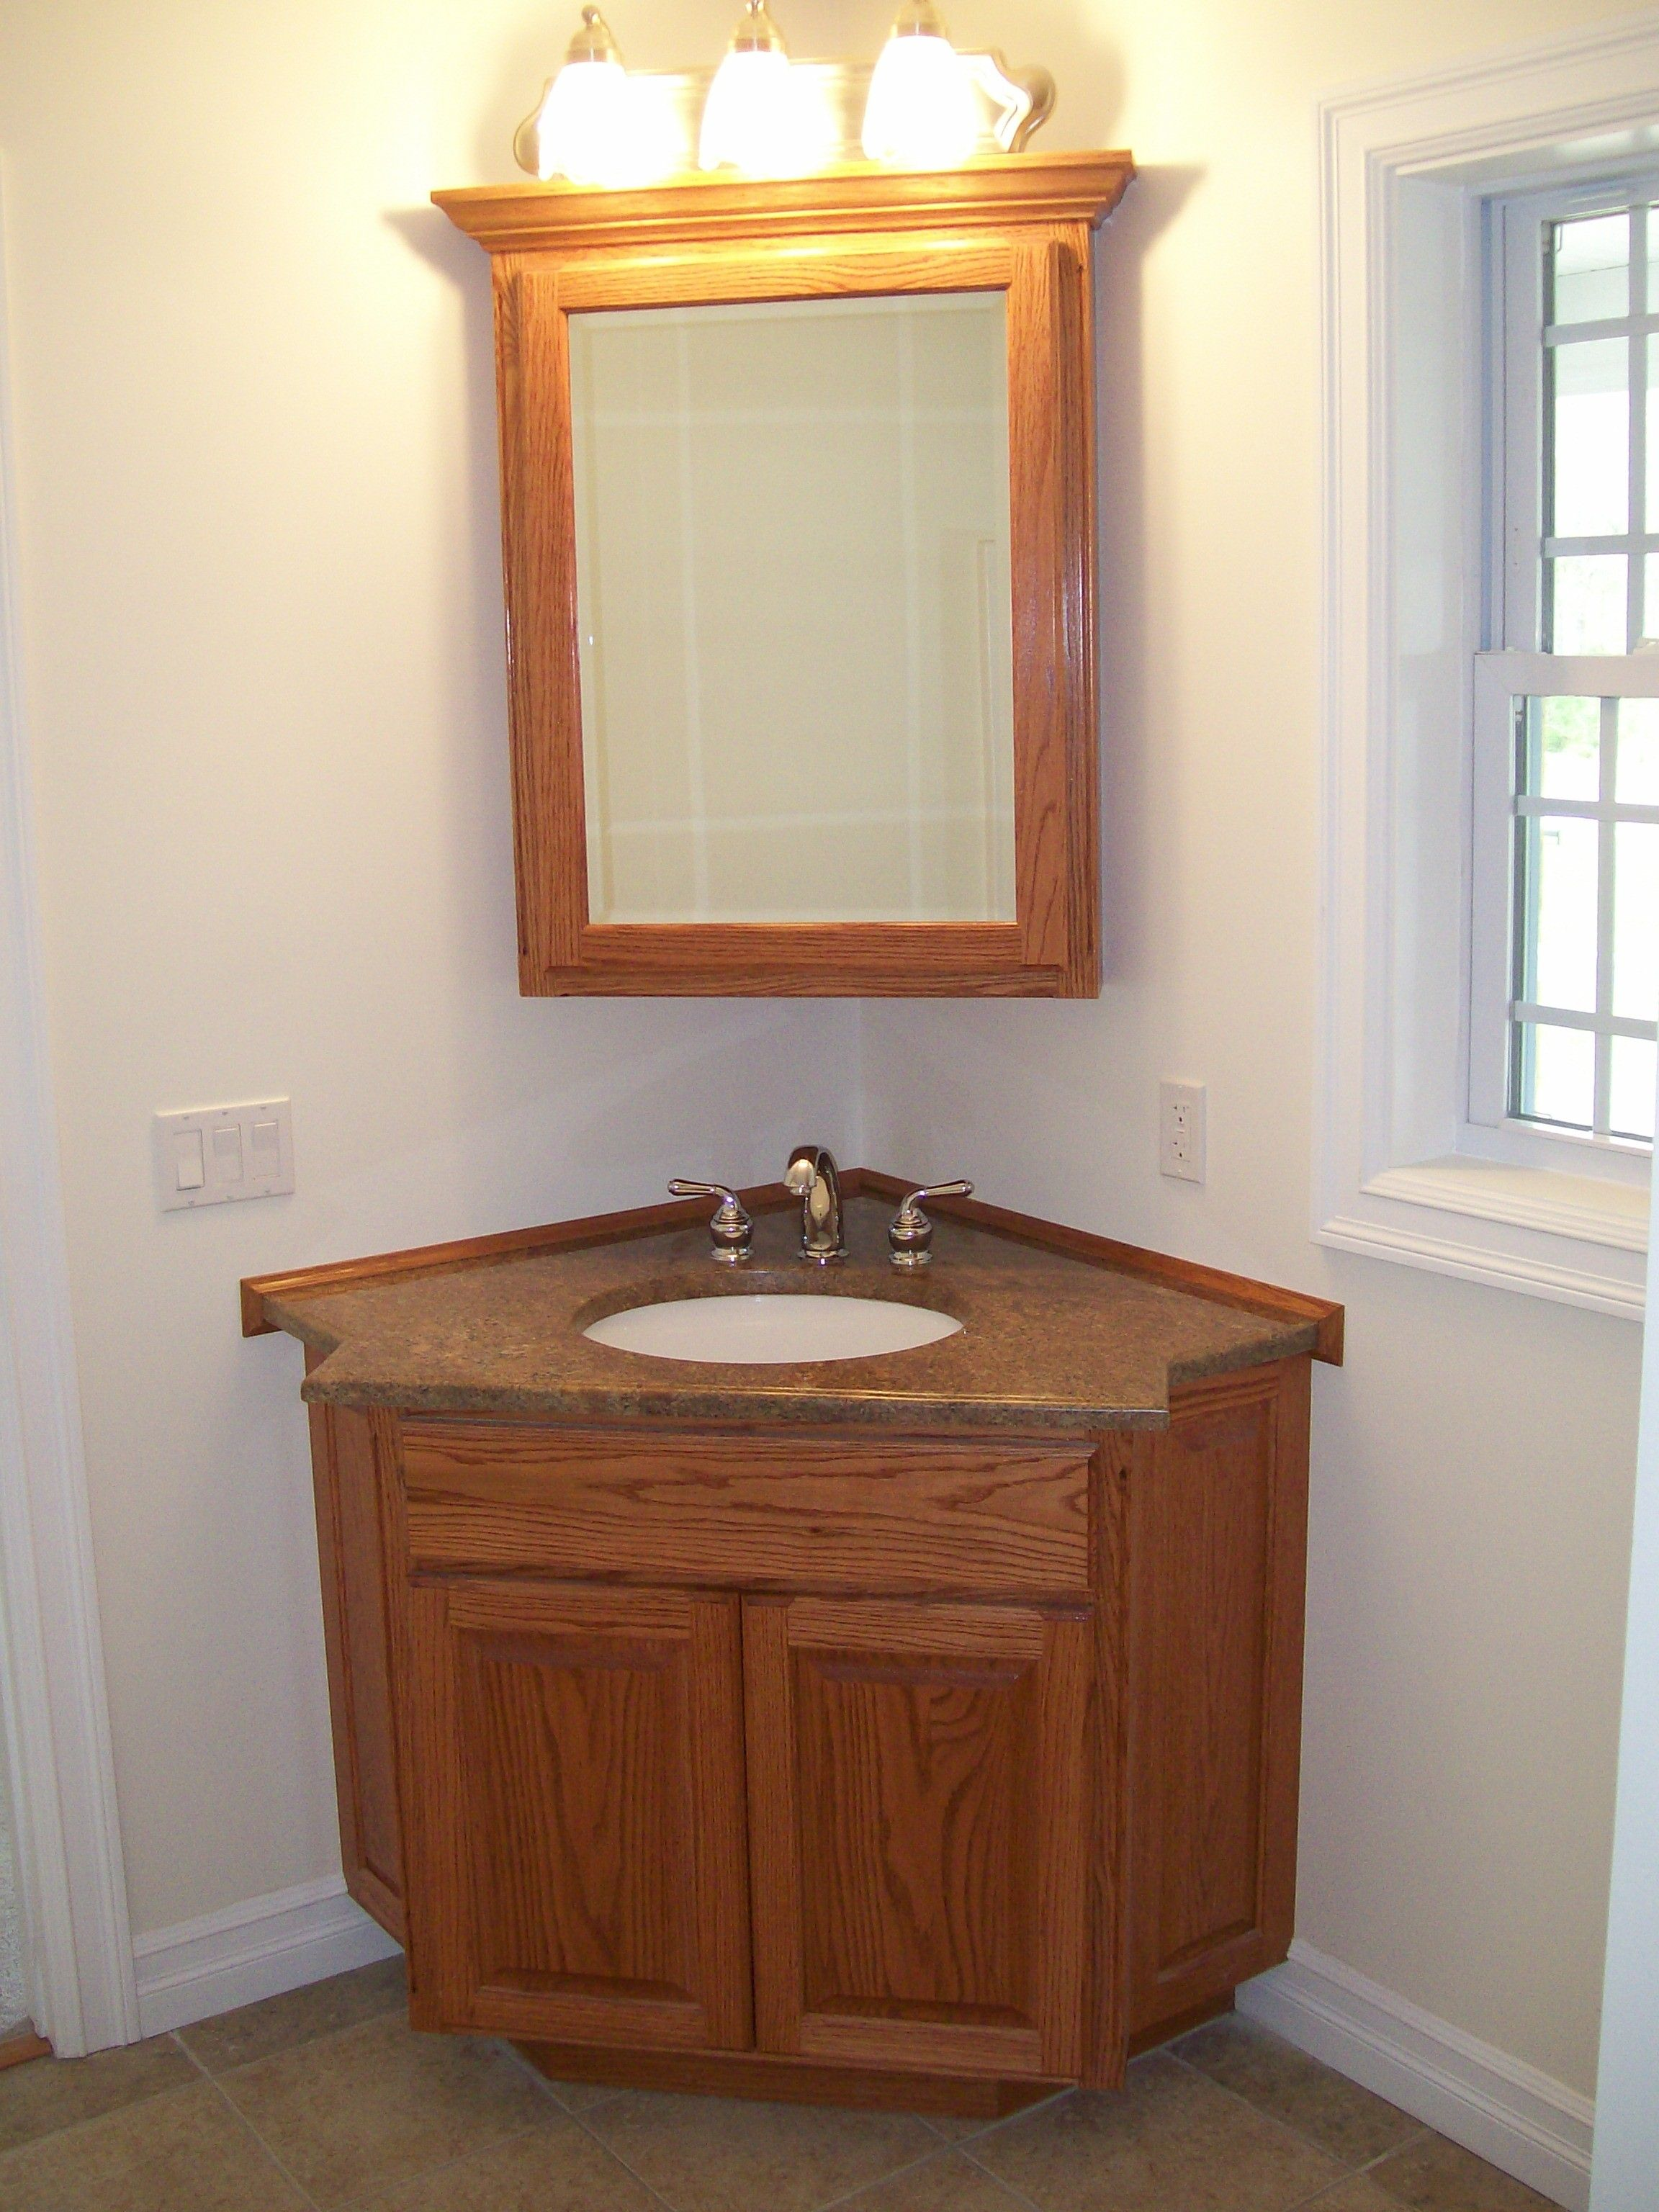 Mirror Over Corner Sink Bathroom StorageCorner